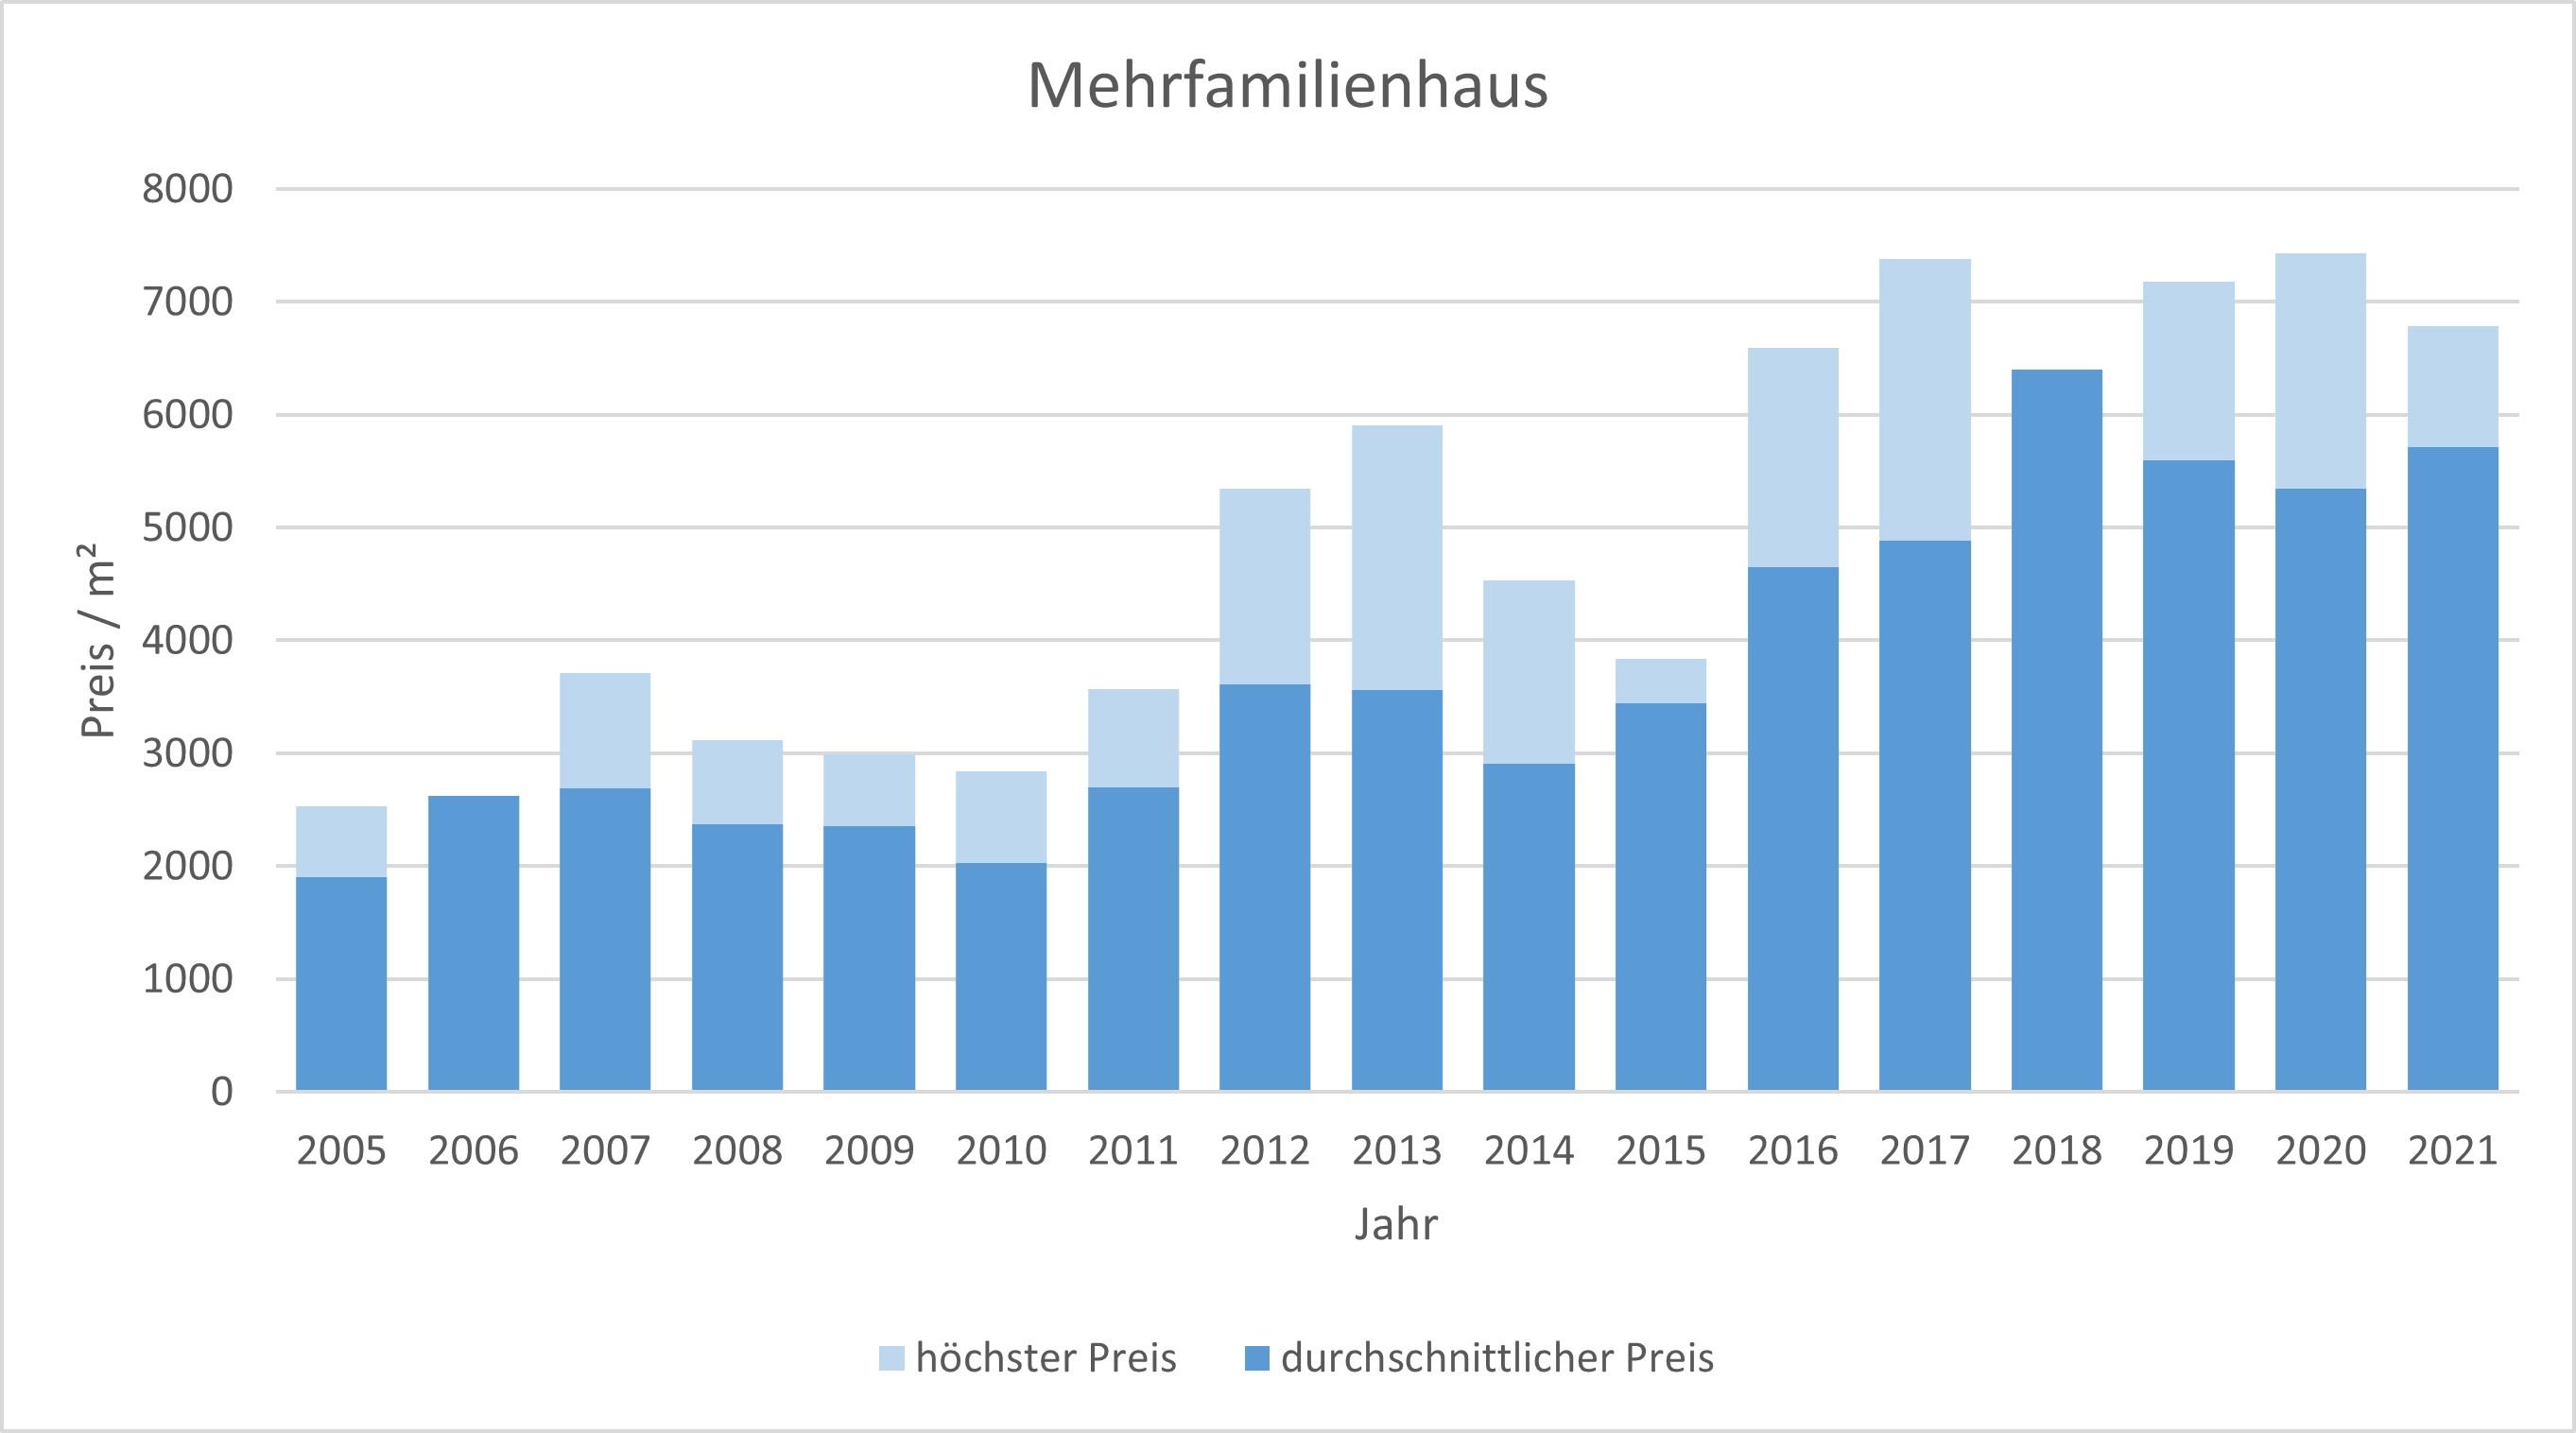 Olching Mehrfamilienhaus kaufen verkaufen Preis Bewertung Makler www.happy-immo.de 2019 2020 2021